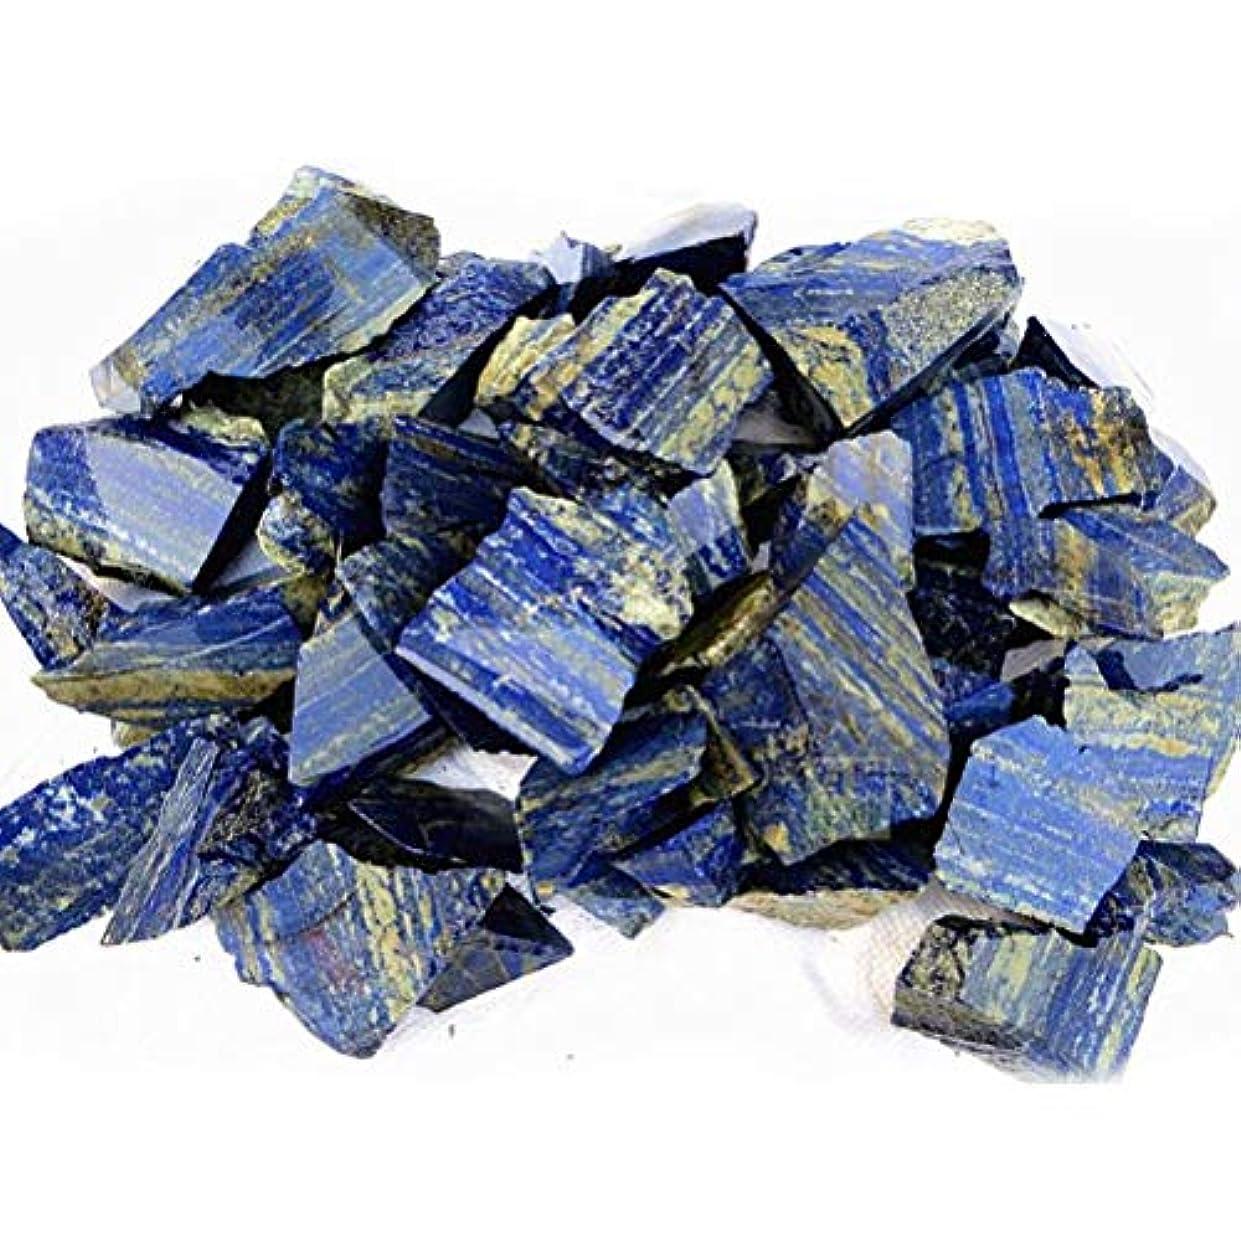 微視的怖がって死ぬジャーナルVosarea 100グラムナチュラルラピスラズリタンブルストーンヒーリングレイキクリスタルジュエリー作りホームデコレーションdiy材料宝石石